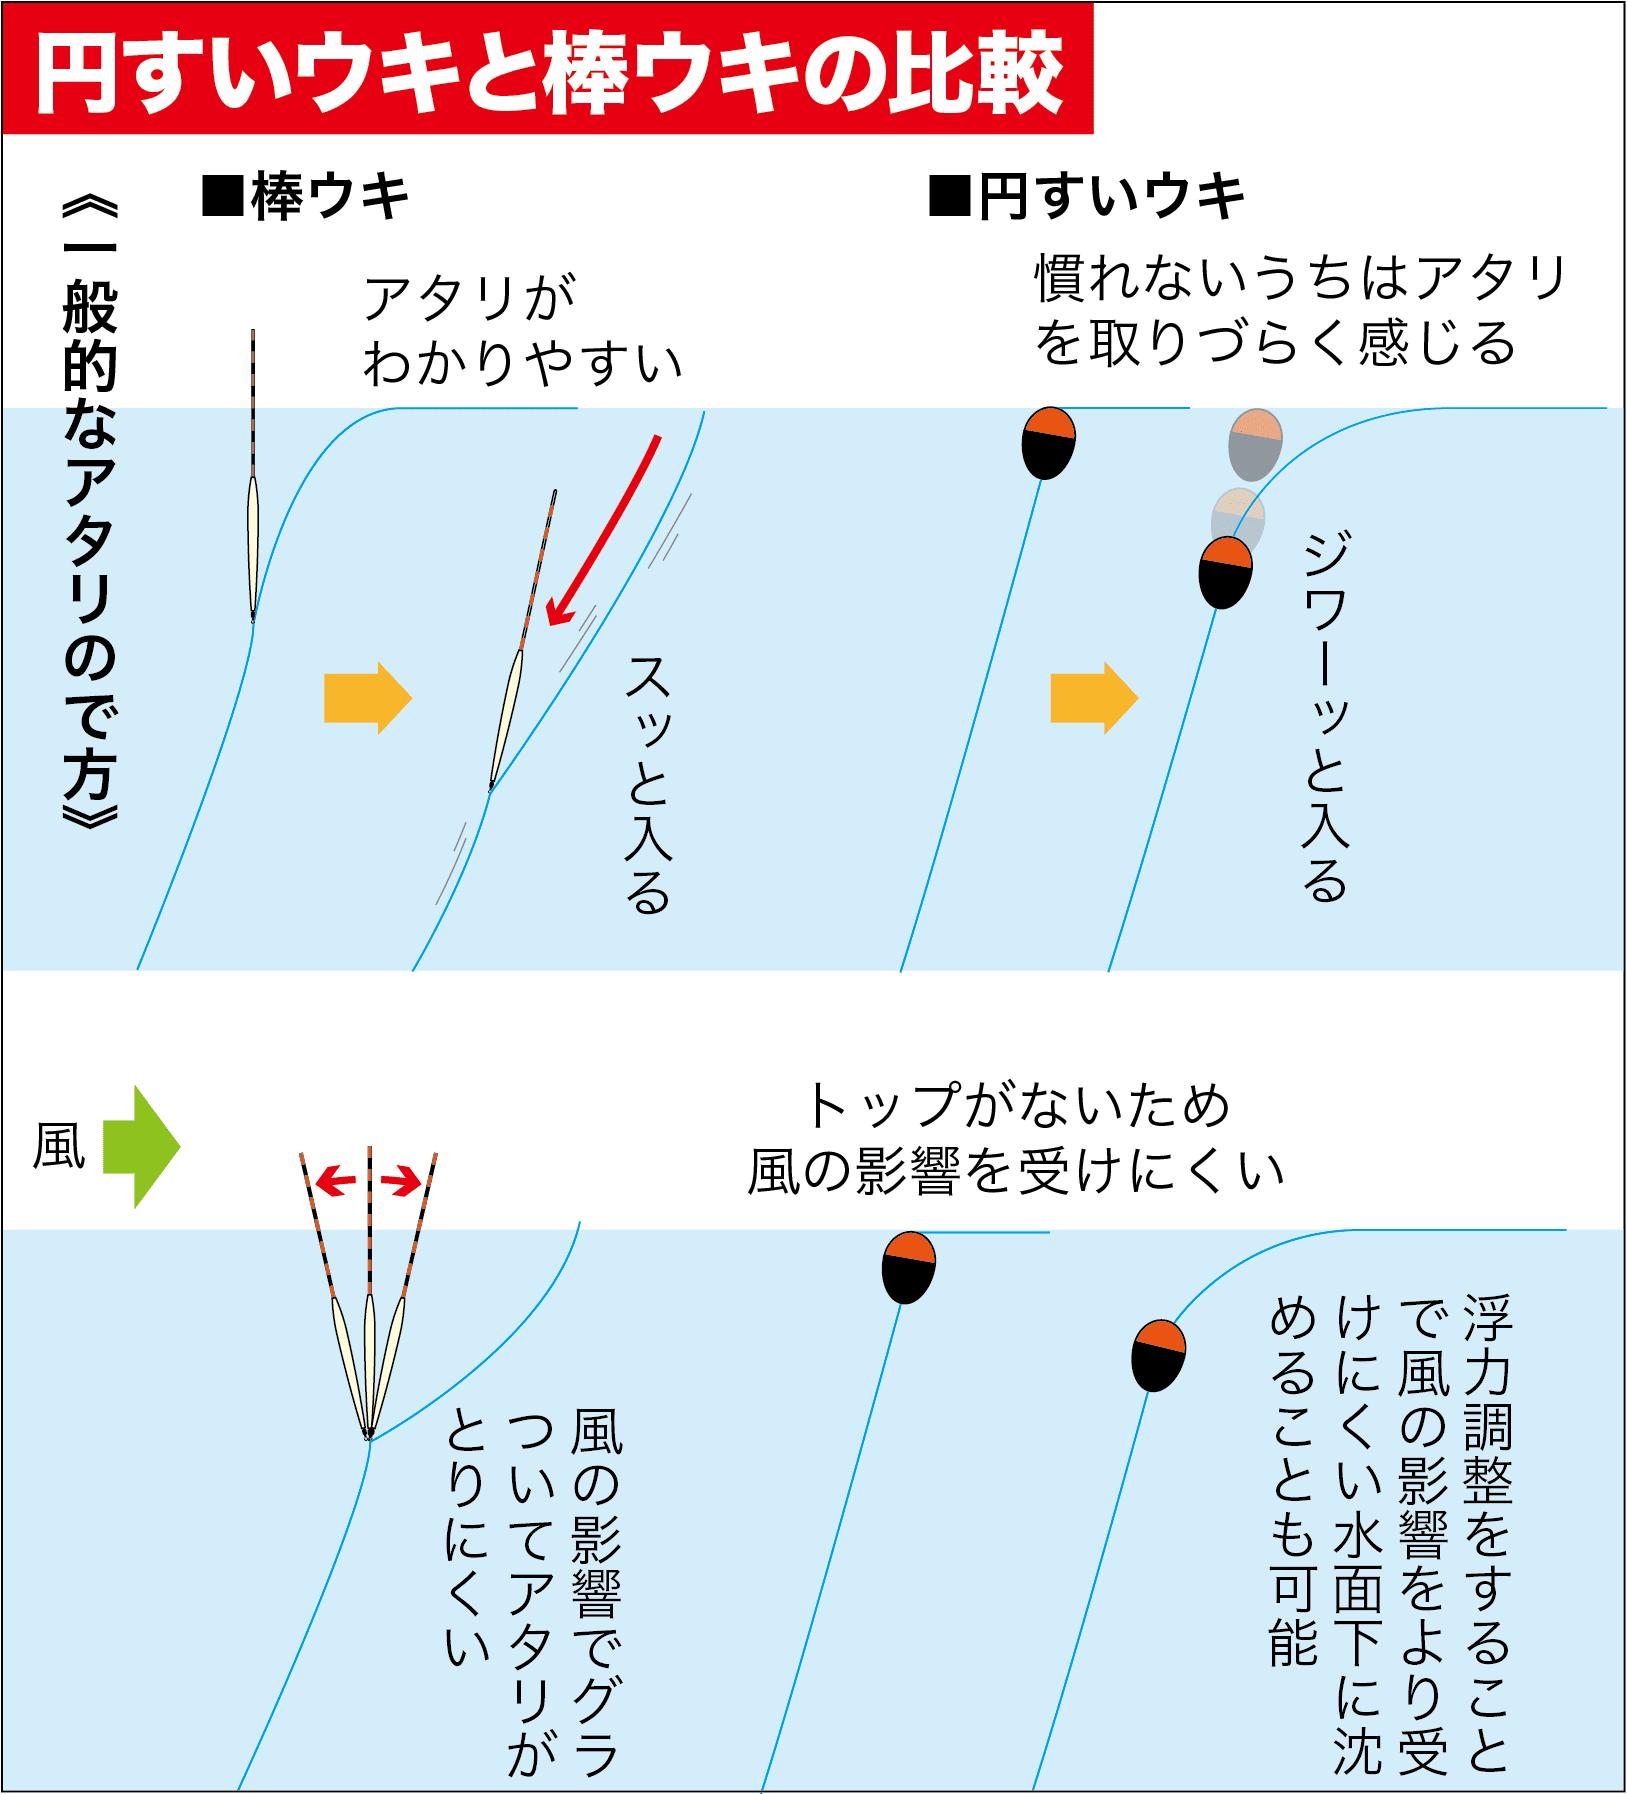 QAフカセ円すいウキ利点10